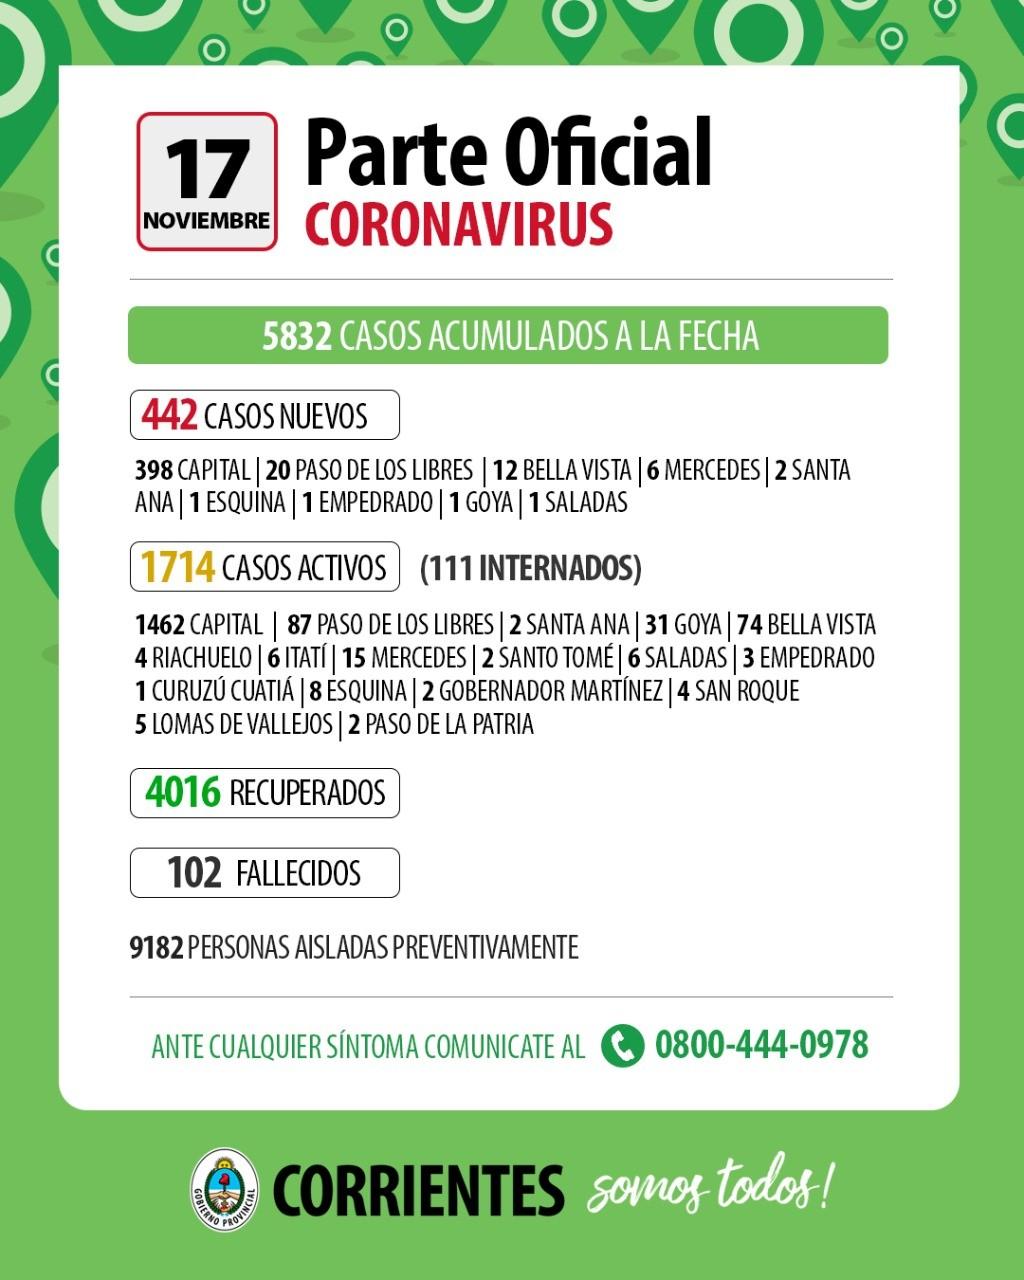 Día negro en Corrientes: se registró un nuevo récord 442 casos nuevos de coronavirus